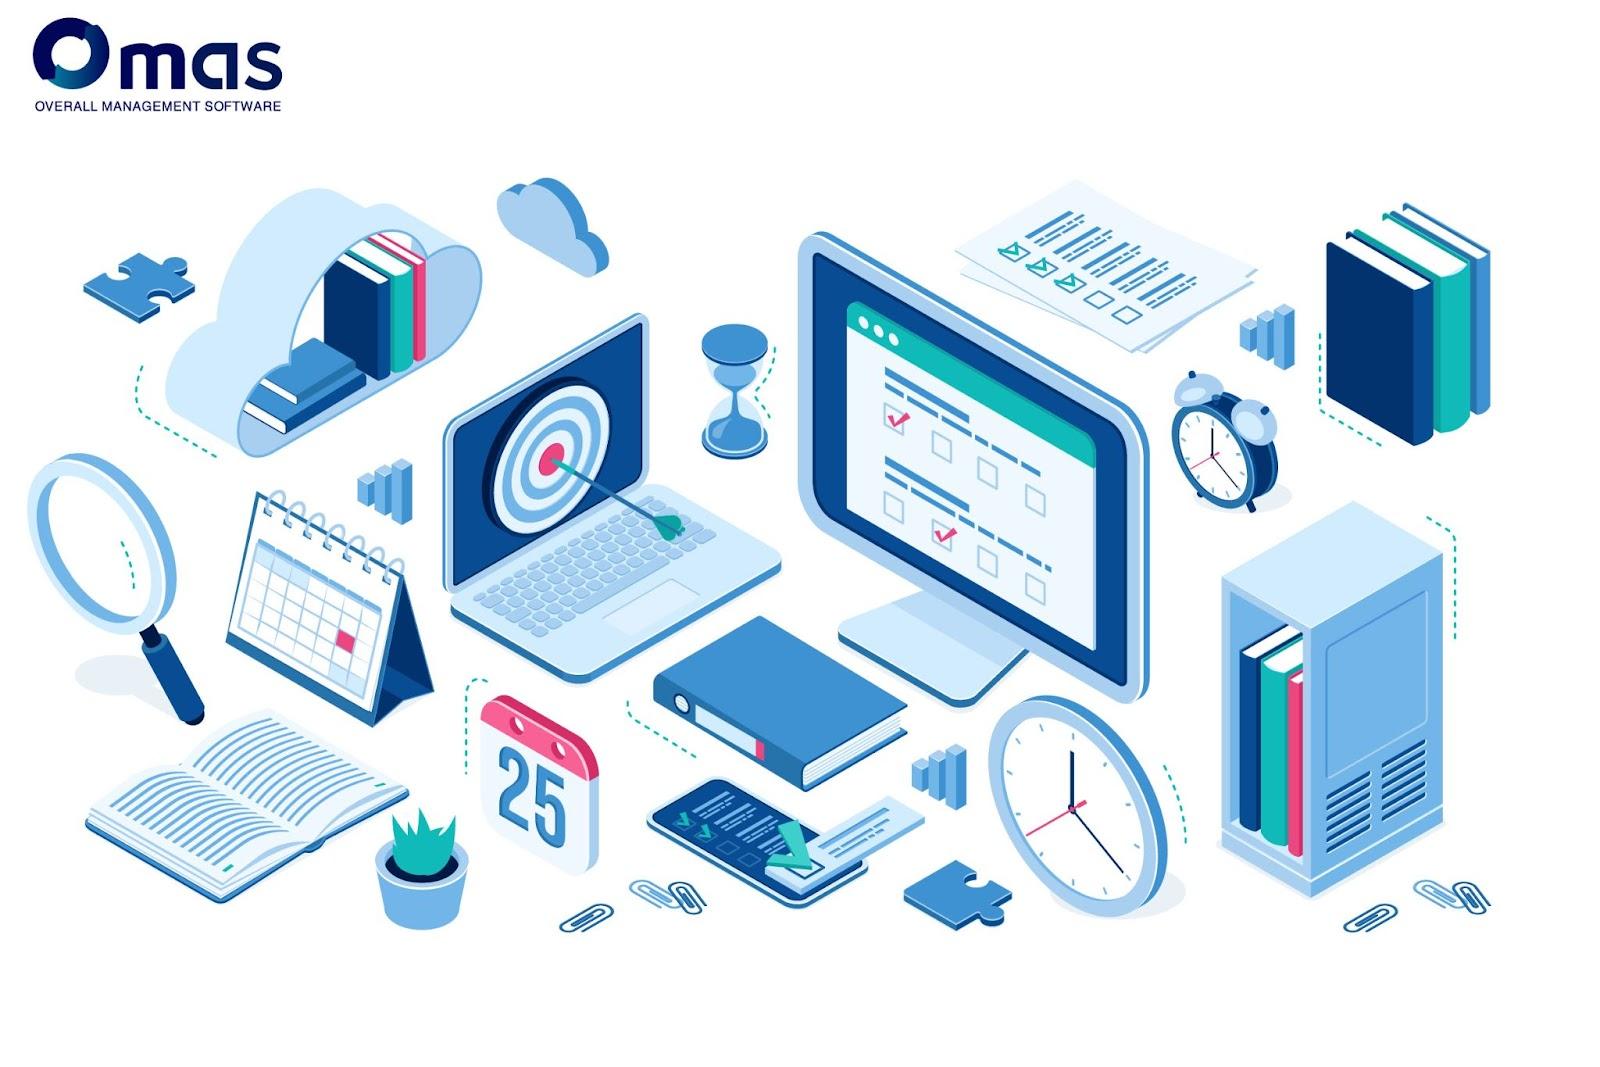 Phần mềm hỗ trợ doanh nghiệp quản lý khách hàng